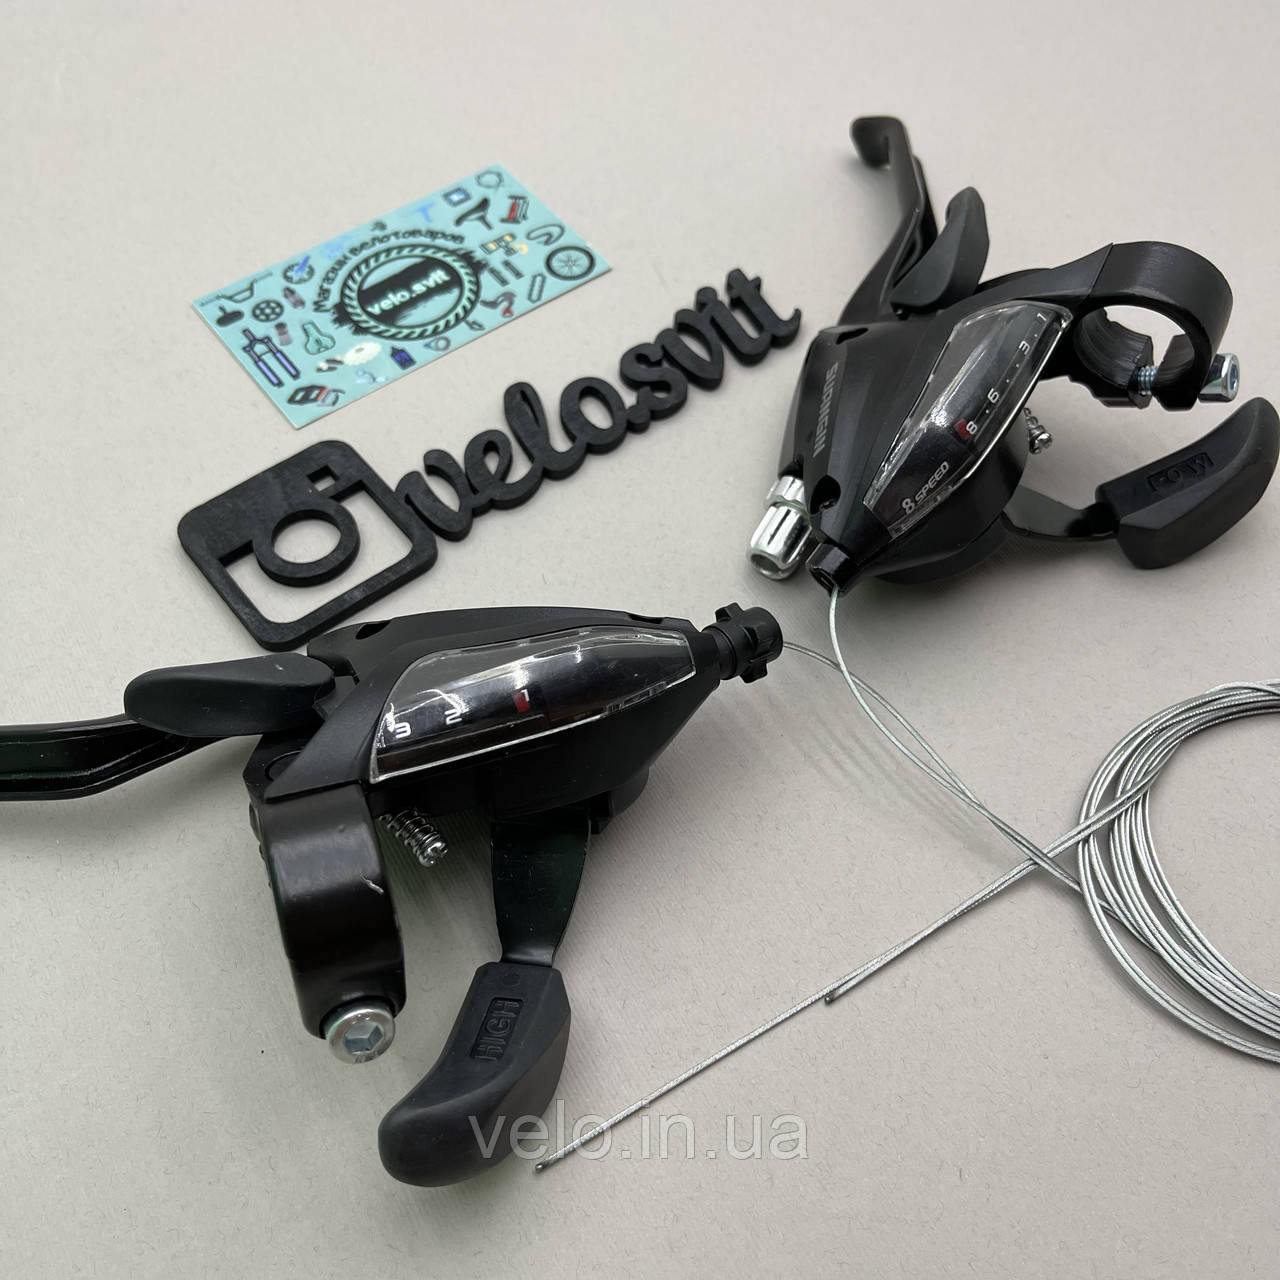 Моноблоки для велосипеда suangin, подходят к shimano, манетки 3*8